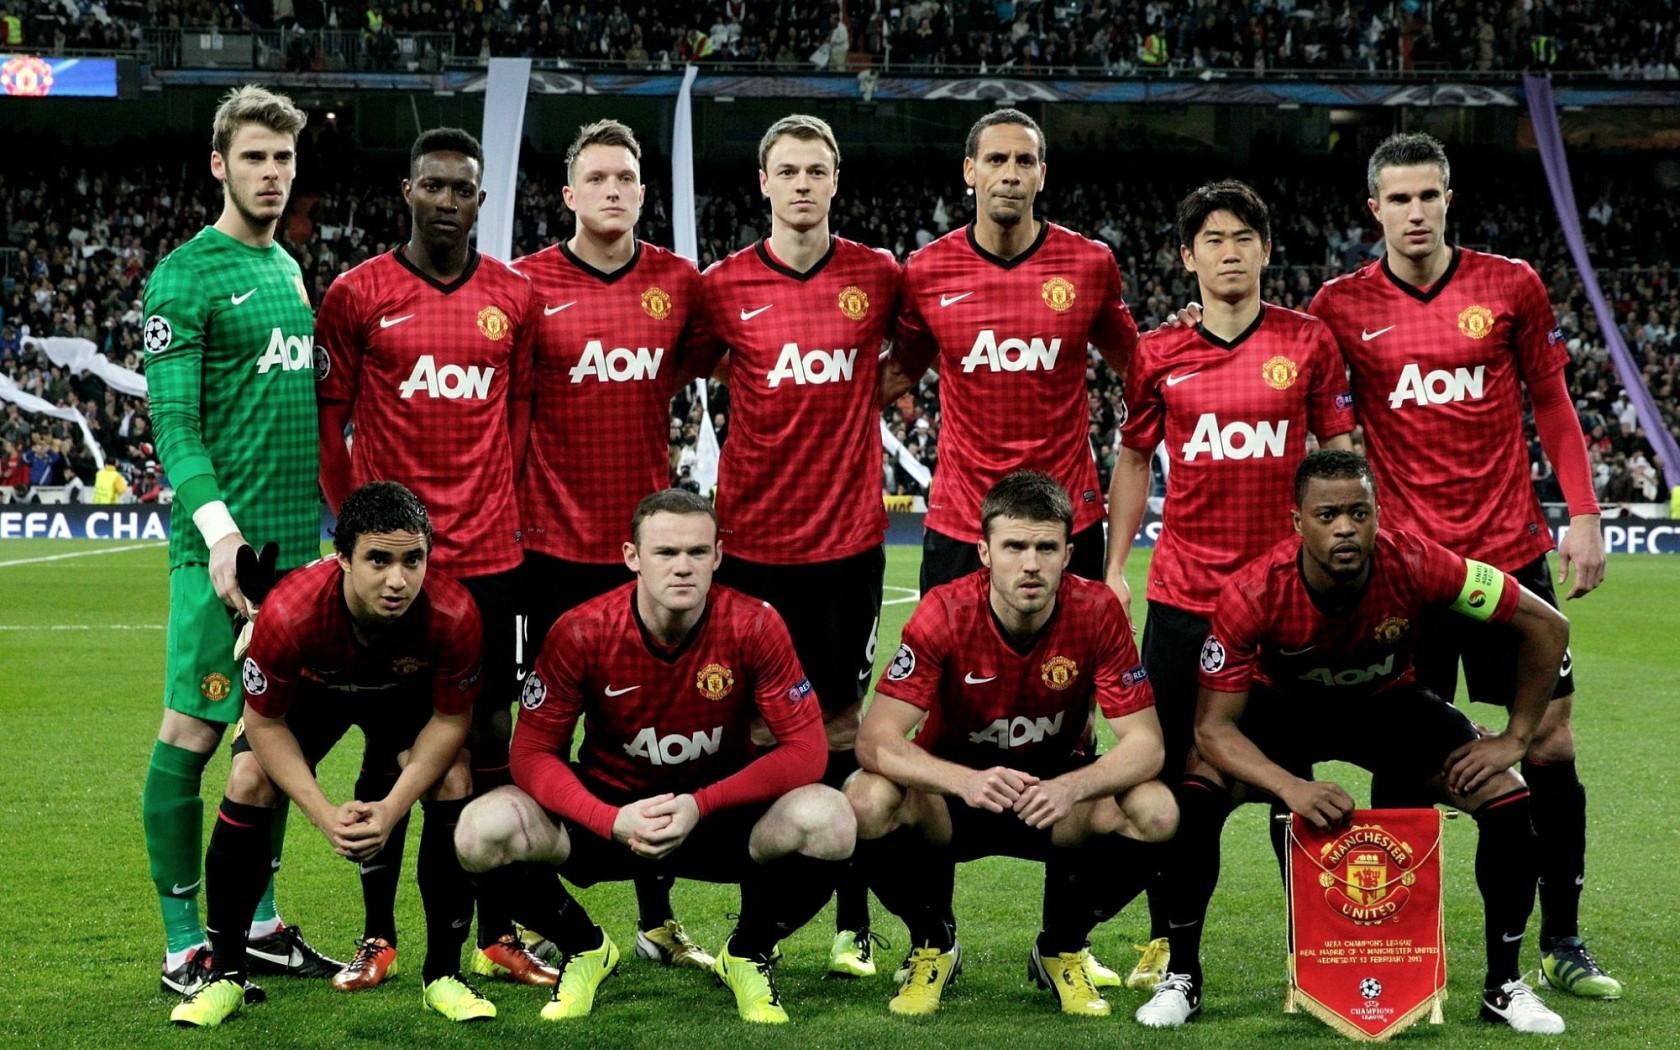 Болельщики «Зенита» хотели бы в соперники в Лиге чемпионов «Манчестер Юнайтед»